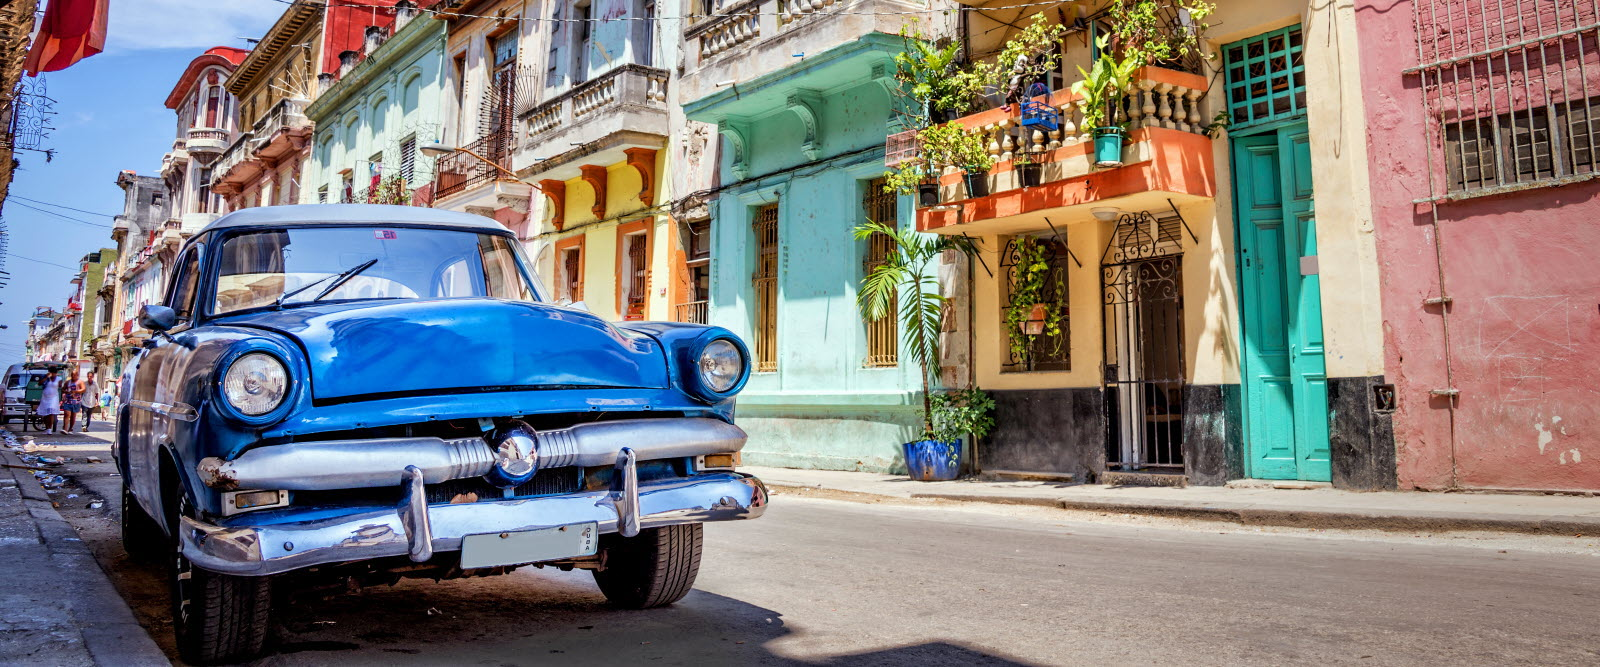 Comment faire pour découvrir Cuba avec un budget limité ?